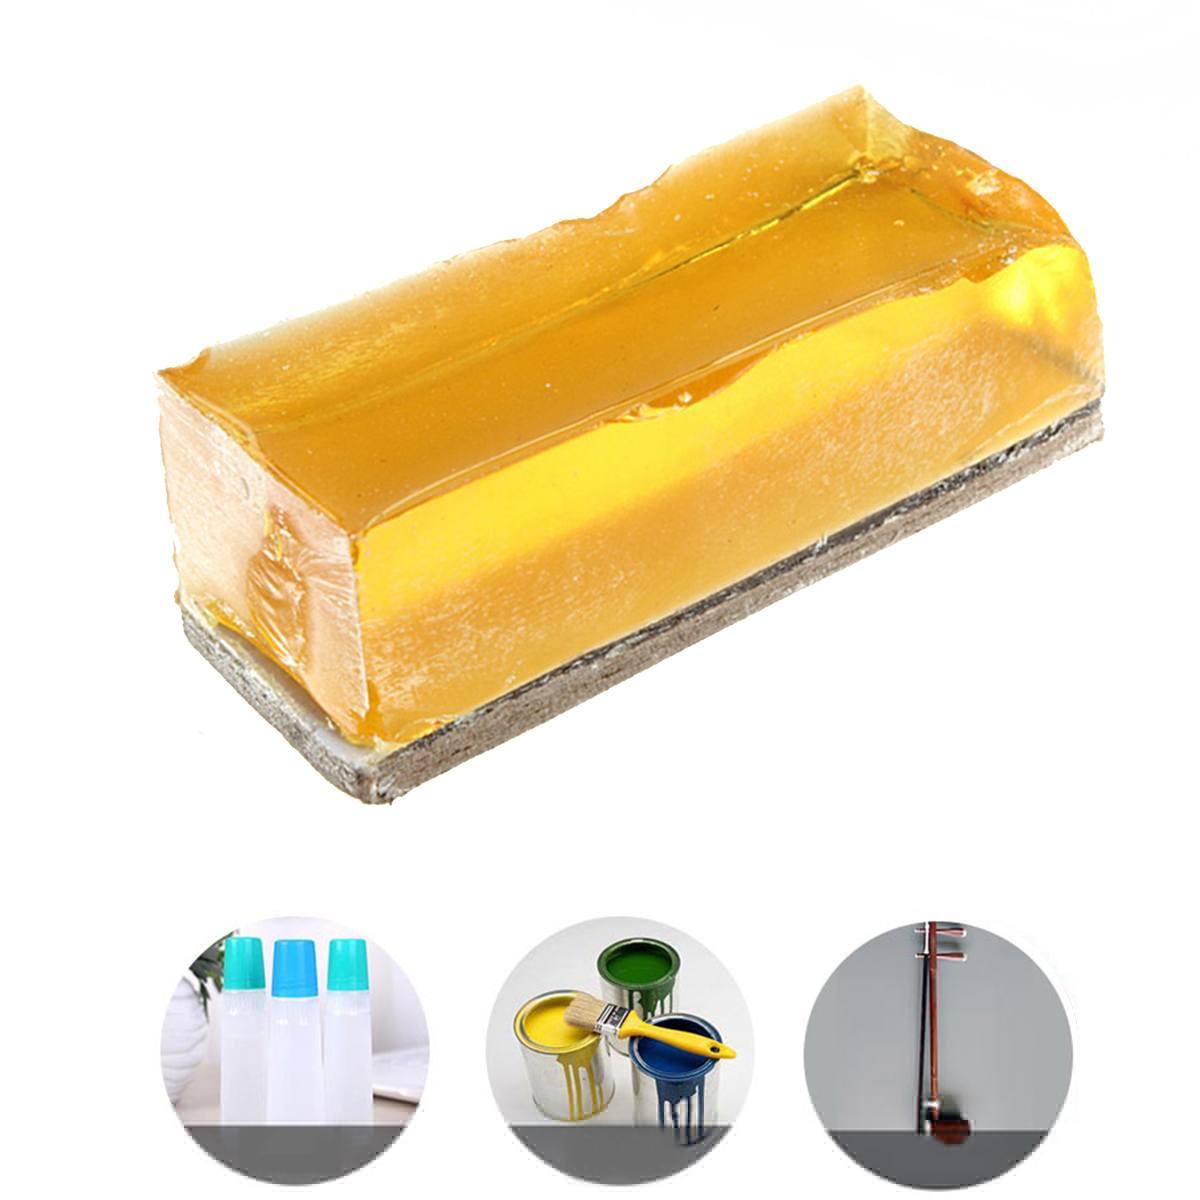 Colofonia de cartón para soldador eléctrico, 5 uds., soldadura suave, sin plomo, Escala de soldadura, polvo de resina Natural